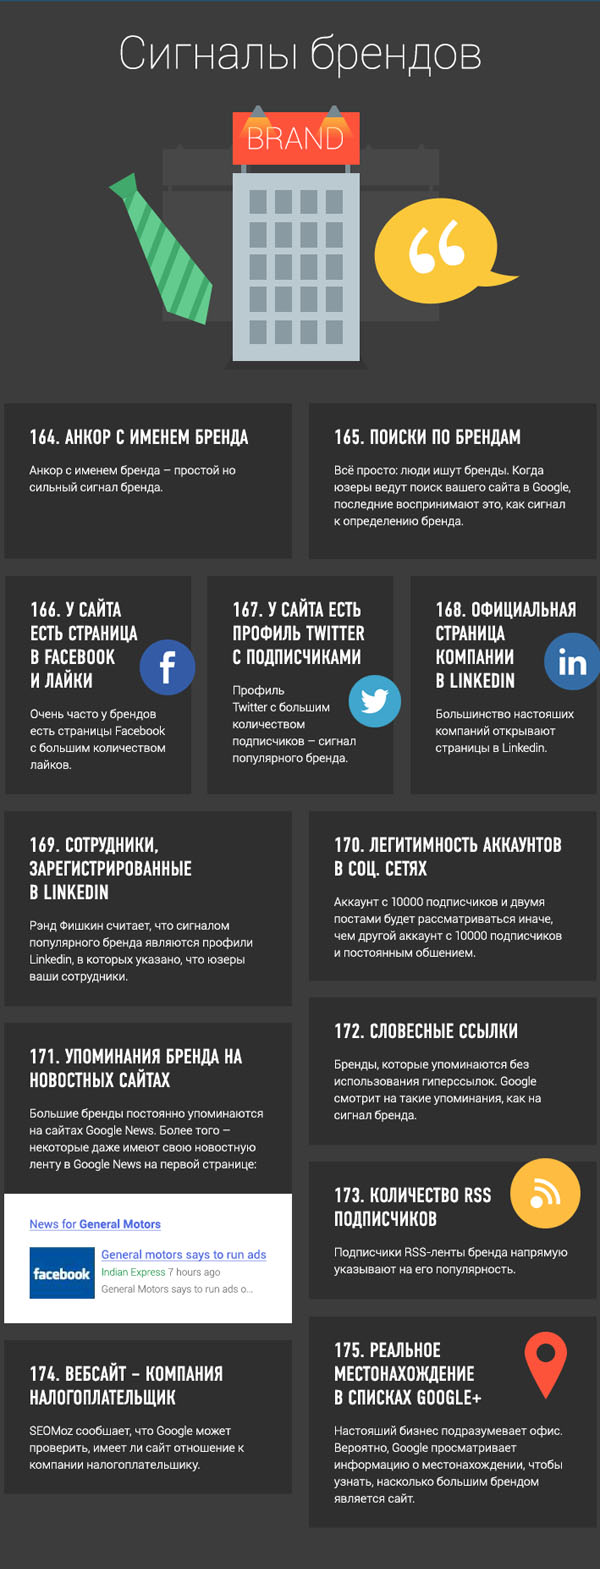 200-faktorov-ranzhirovaniya-google-09